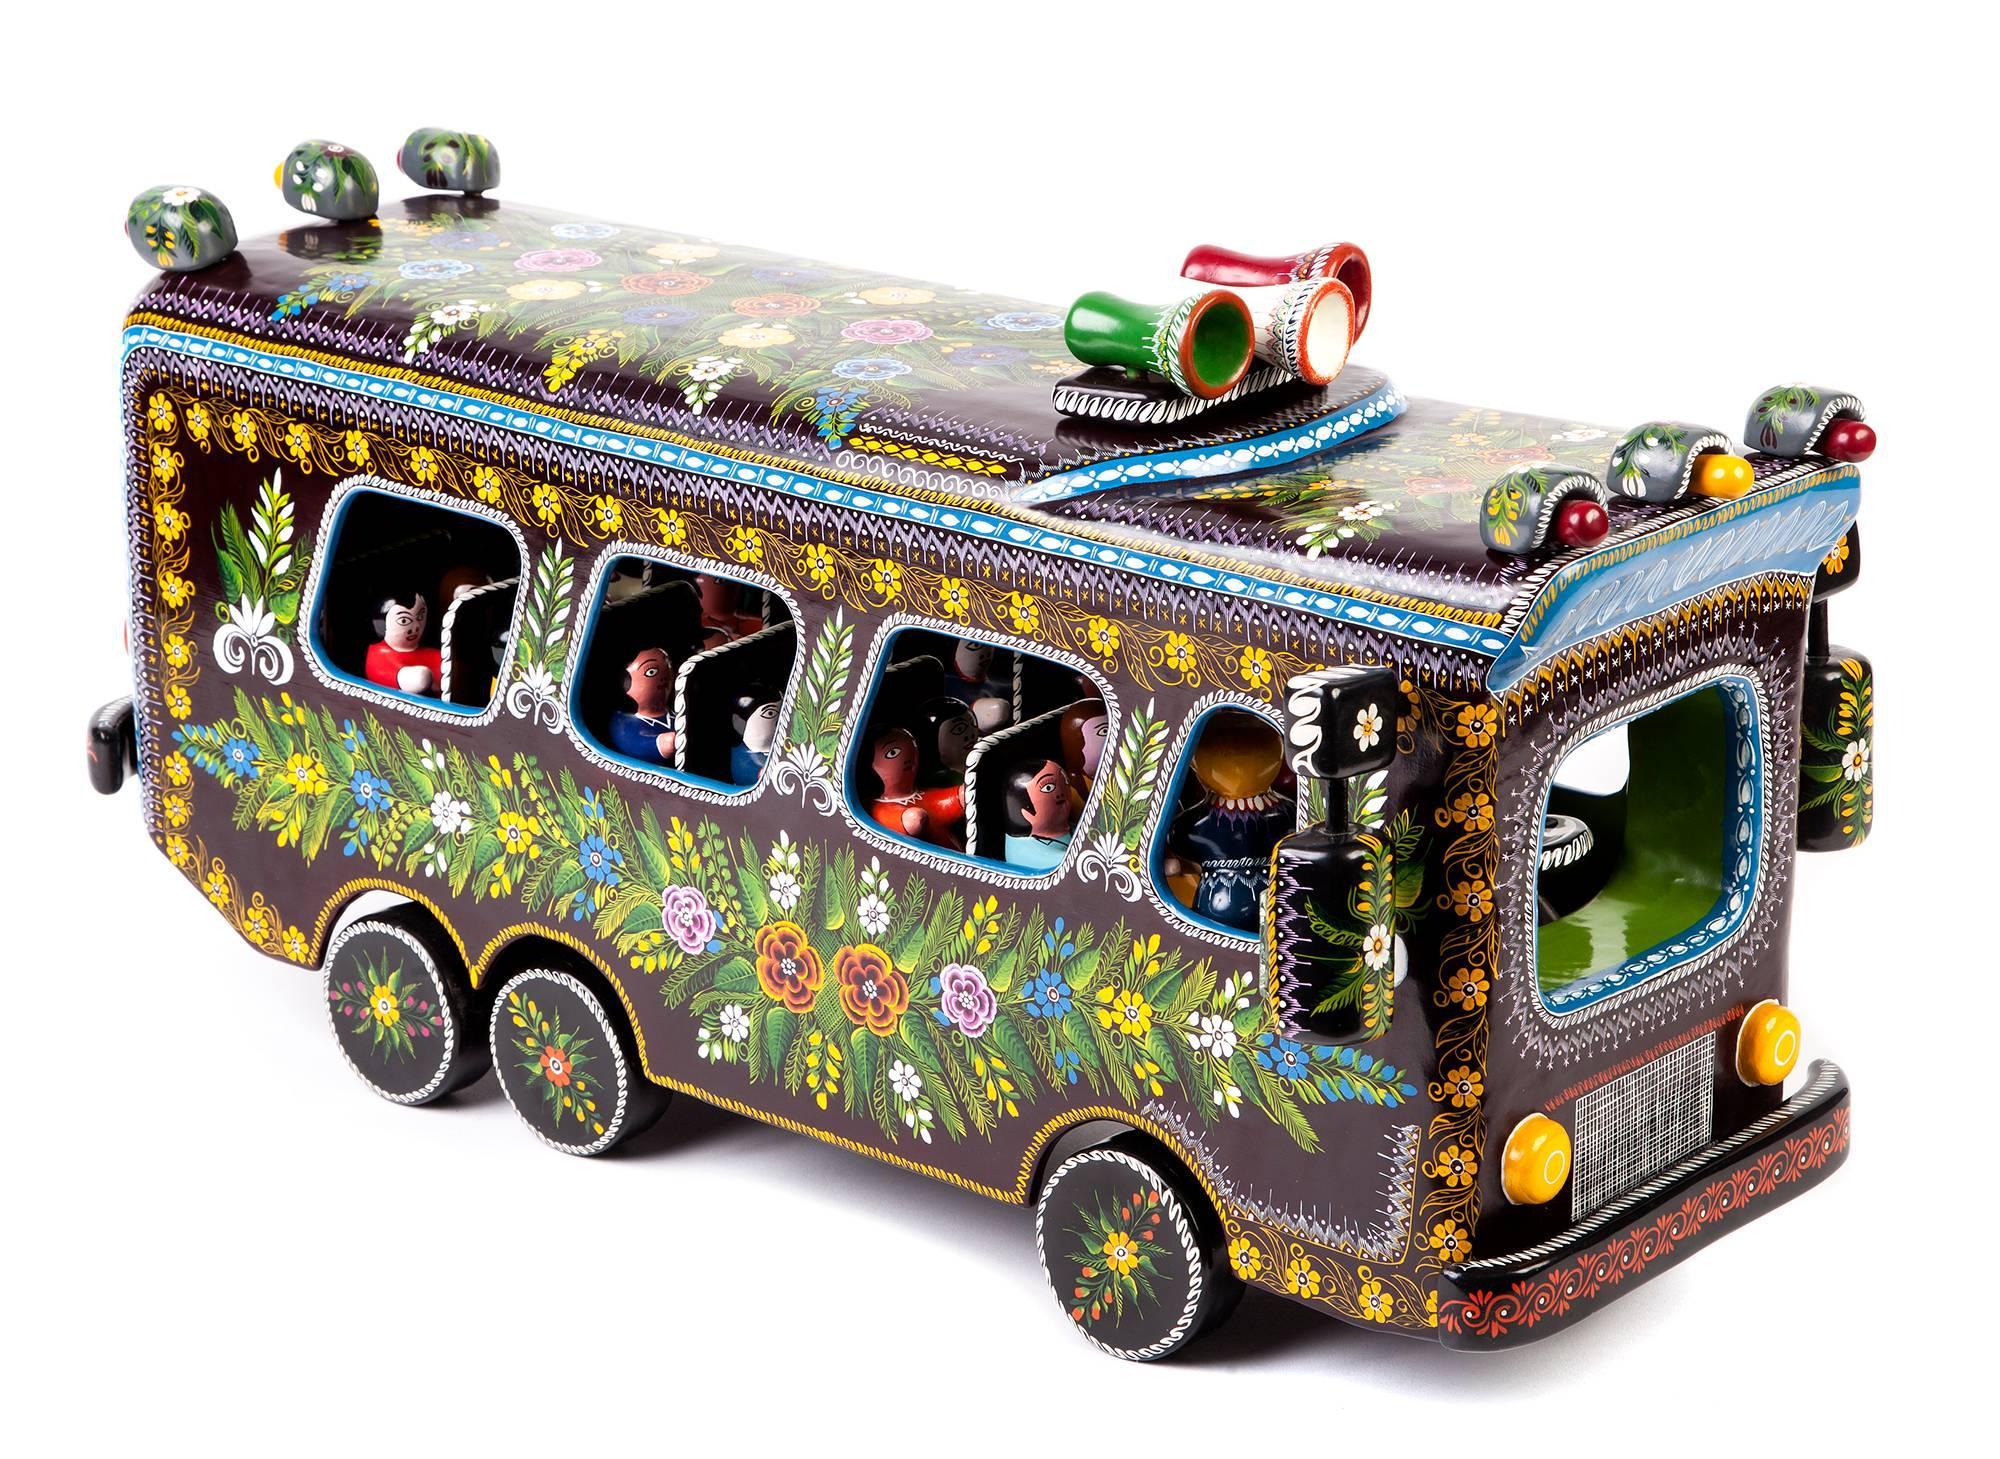 23'' El Autobus / Wood carving Lacquer Mexican Folk Art